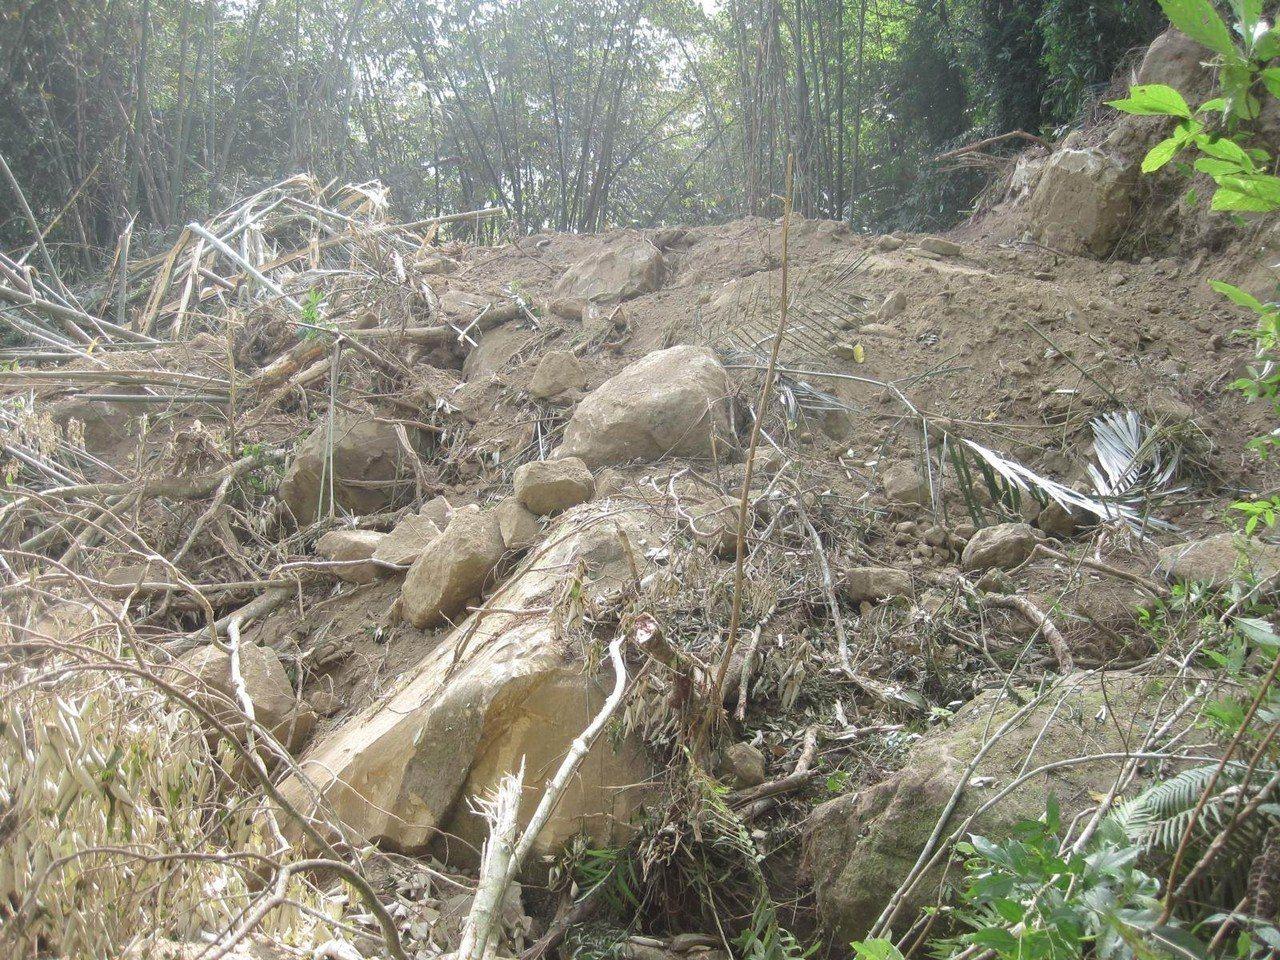 破壞水土保持將造成曾文水庫淤積加速。記者謝恩得/翻攝